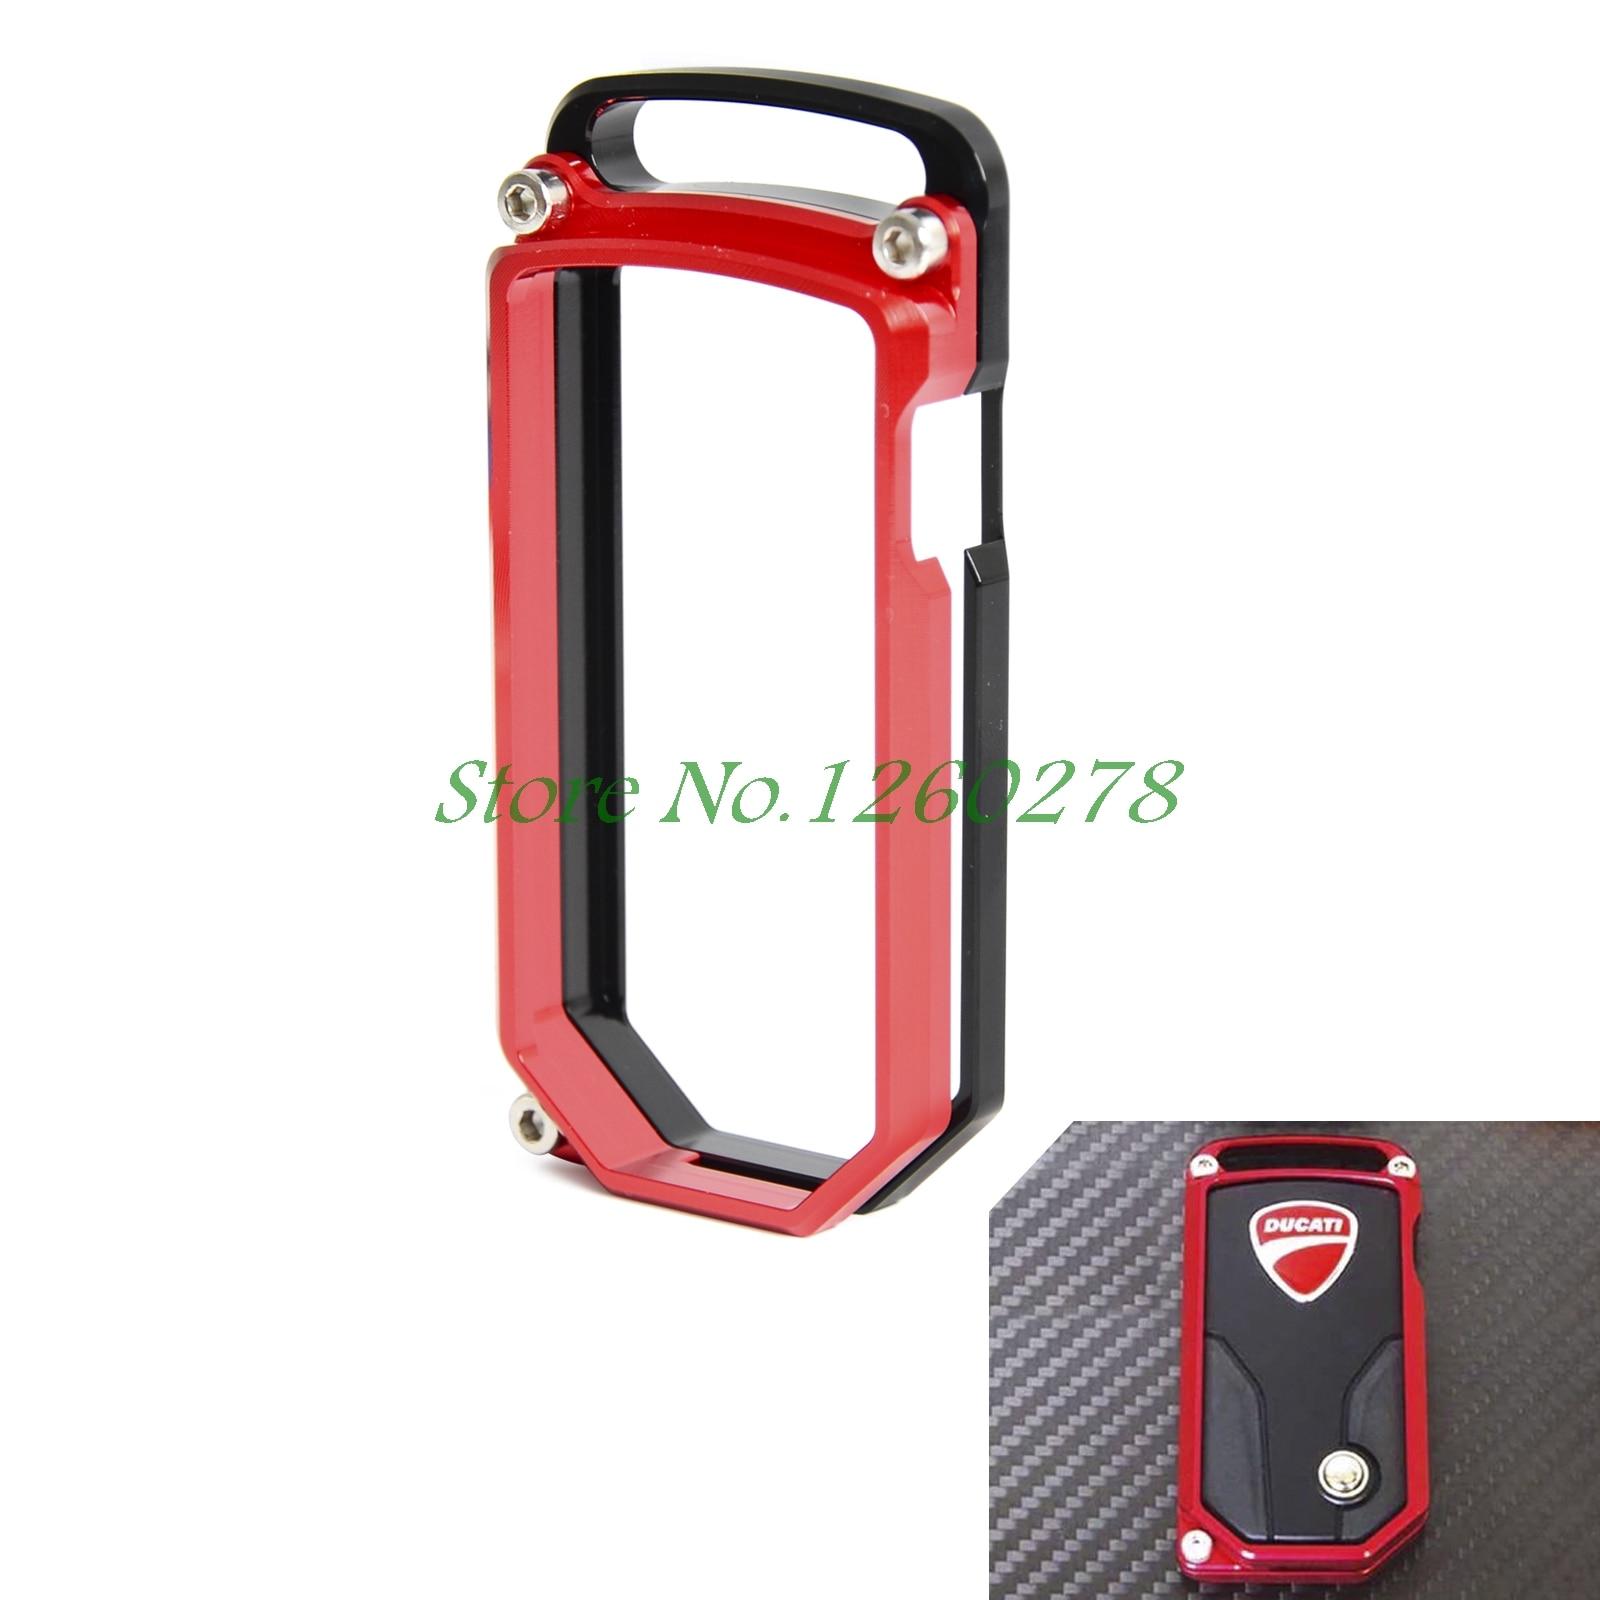 Classic Collocation CNC Key Remote Cover Case Chain For Ducati  Multitrada 1200/1200 S 2010-2017 Diavel 2011-2017 All models<br><br>Aliexpress